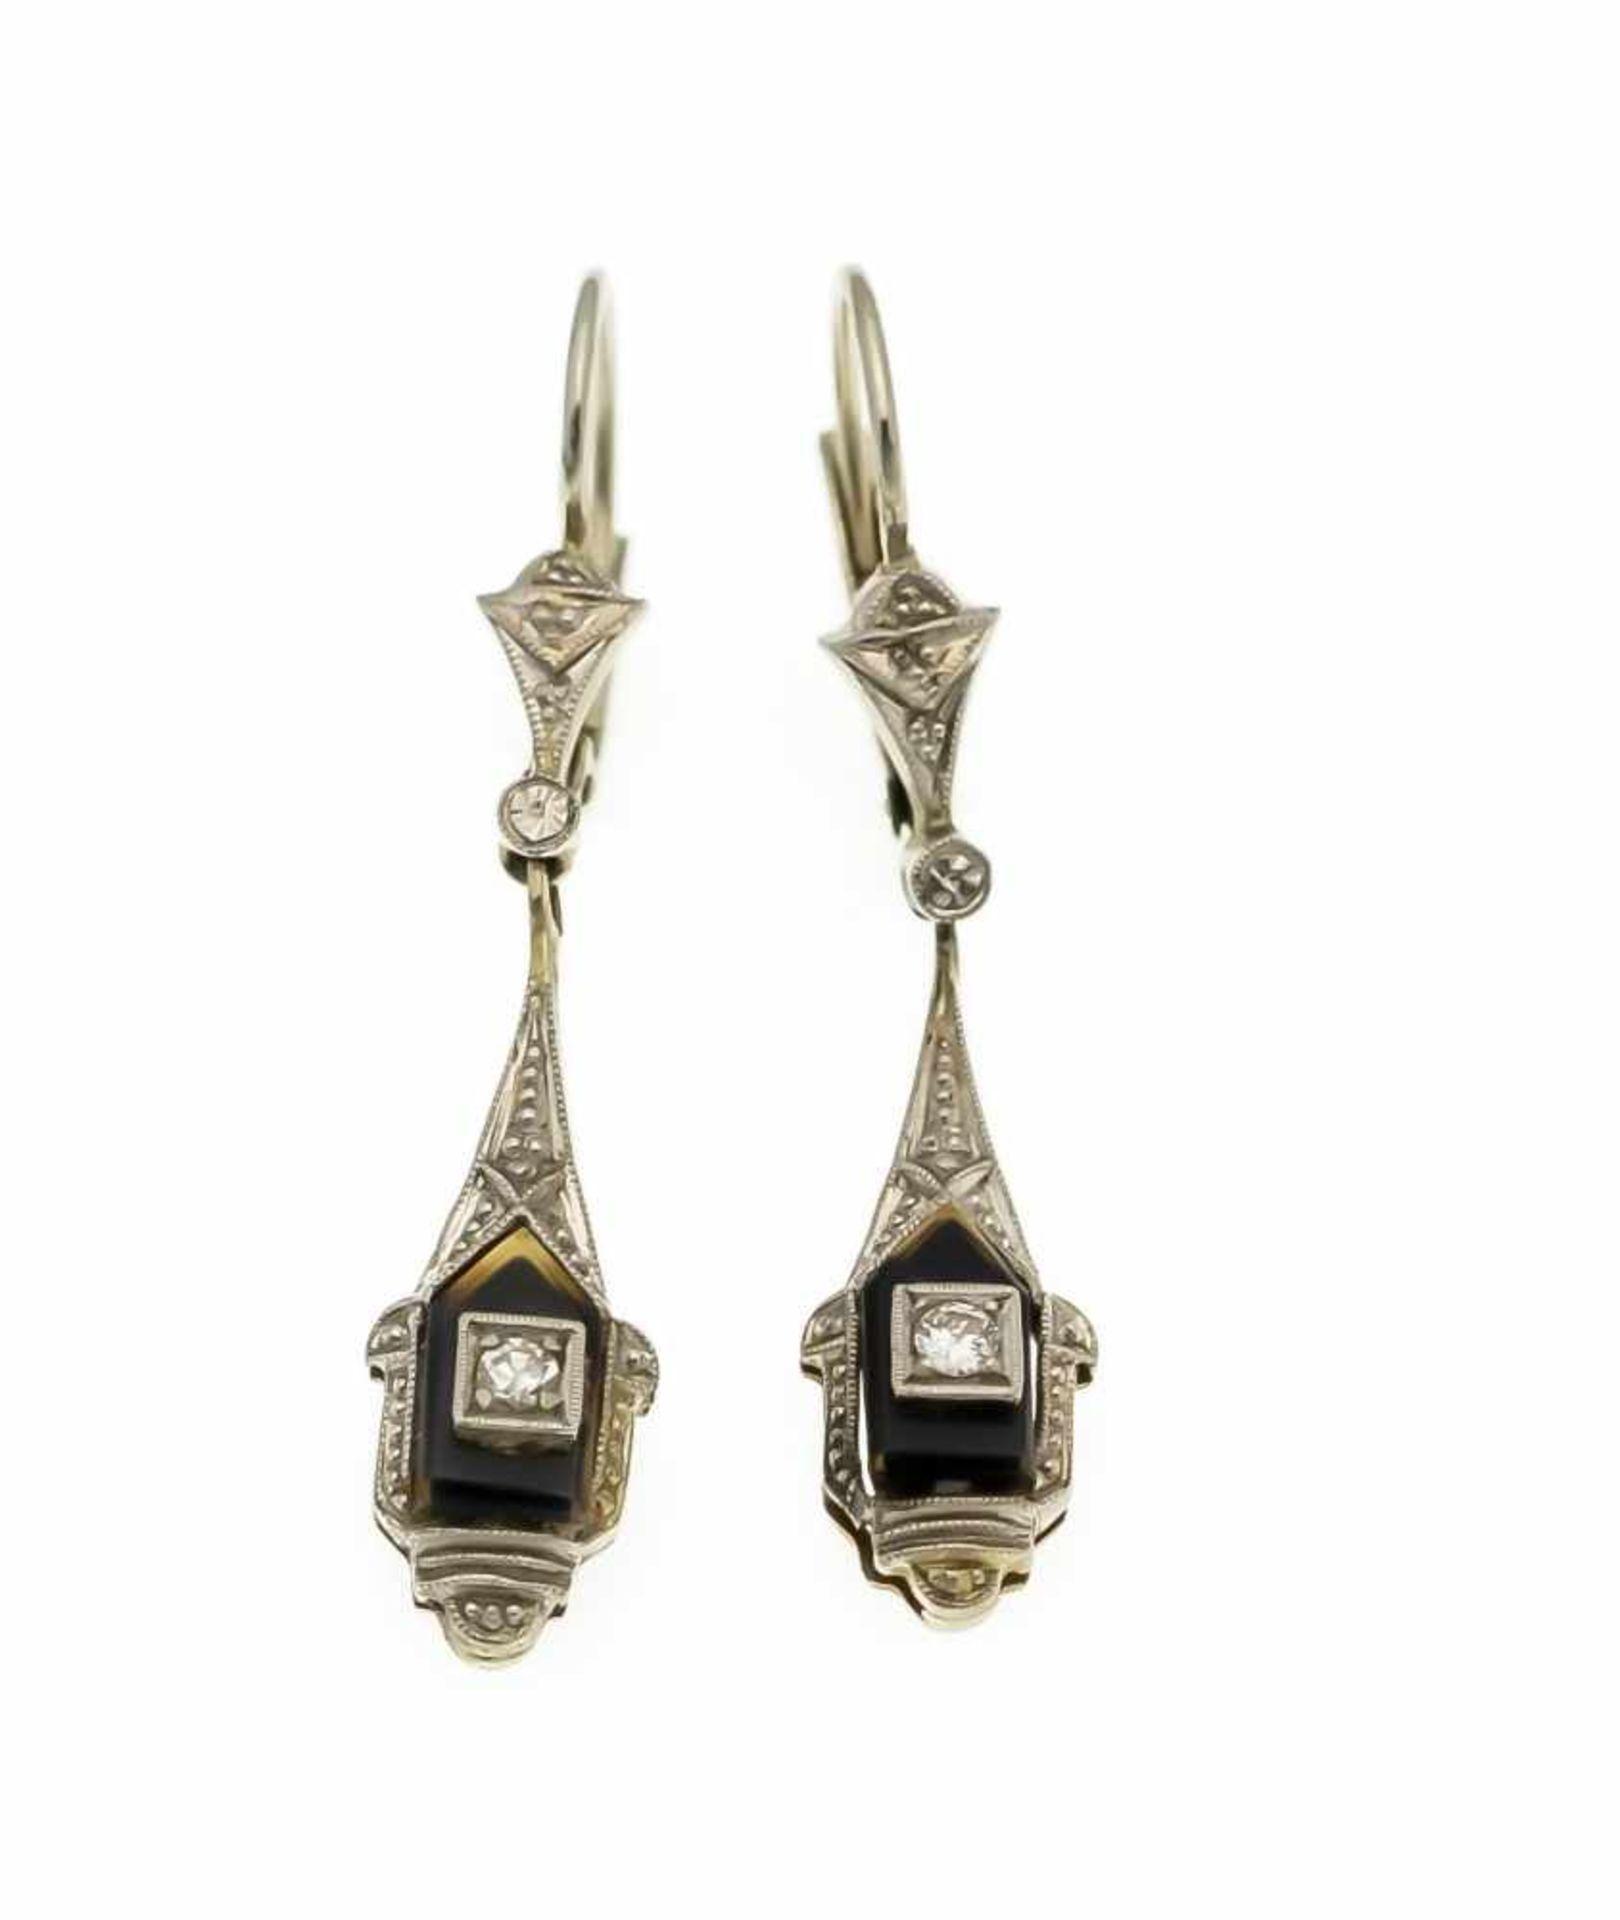 Los 15 - Art Déco Ohrringe WG 585/000 mit 2 Onyx-Platten 7,5 mm, ein Brillant und ein Diamant, zus.0,05 ct...